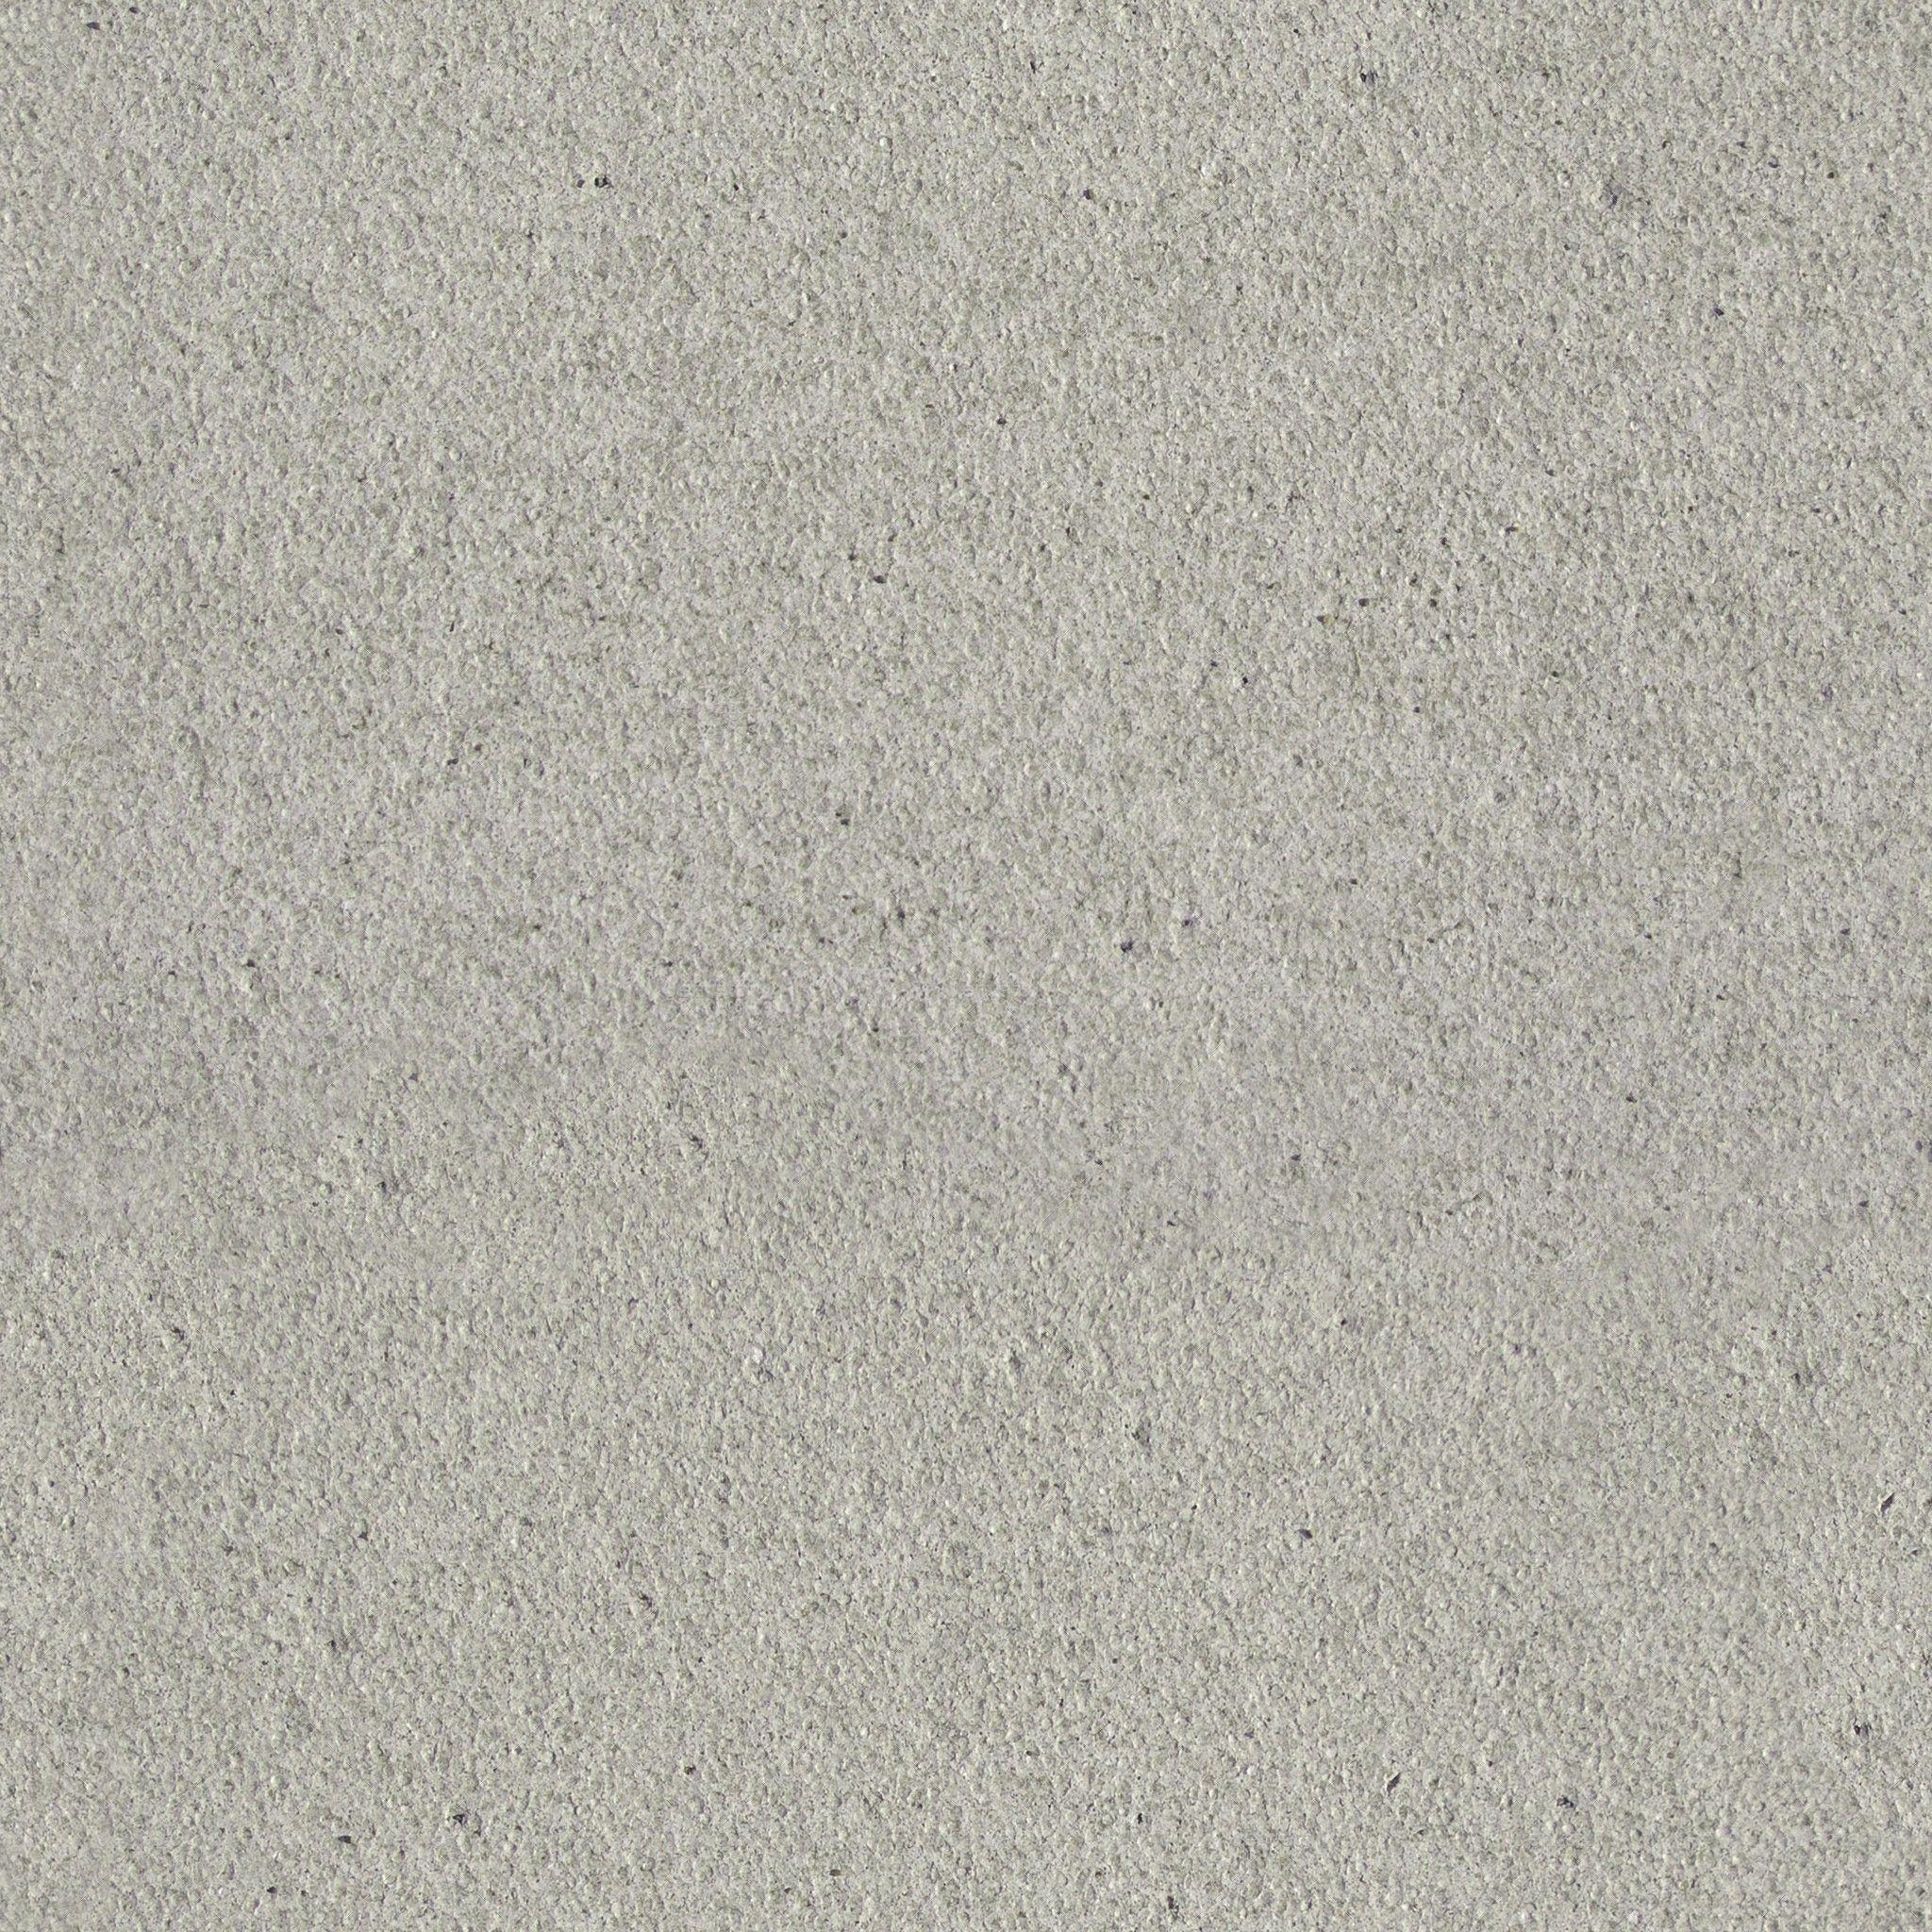 Concrete Seamless Texture Set Volume 1 Seamless